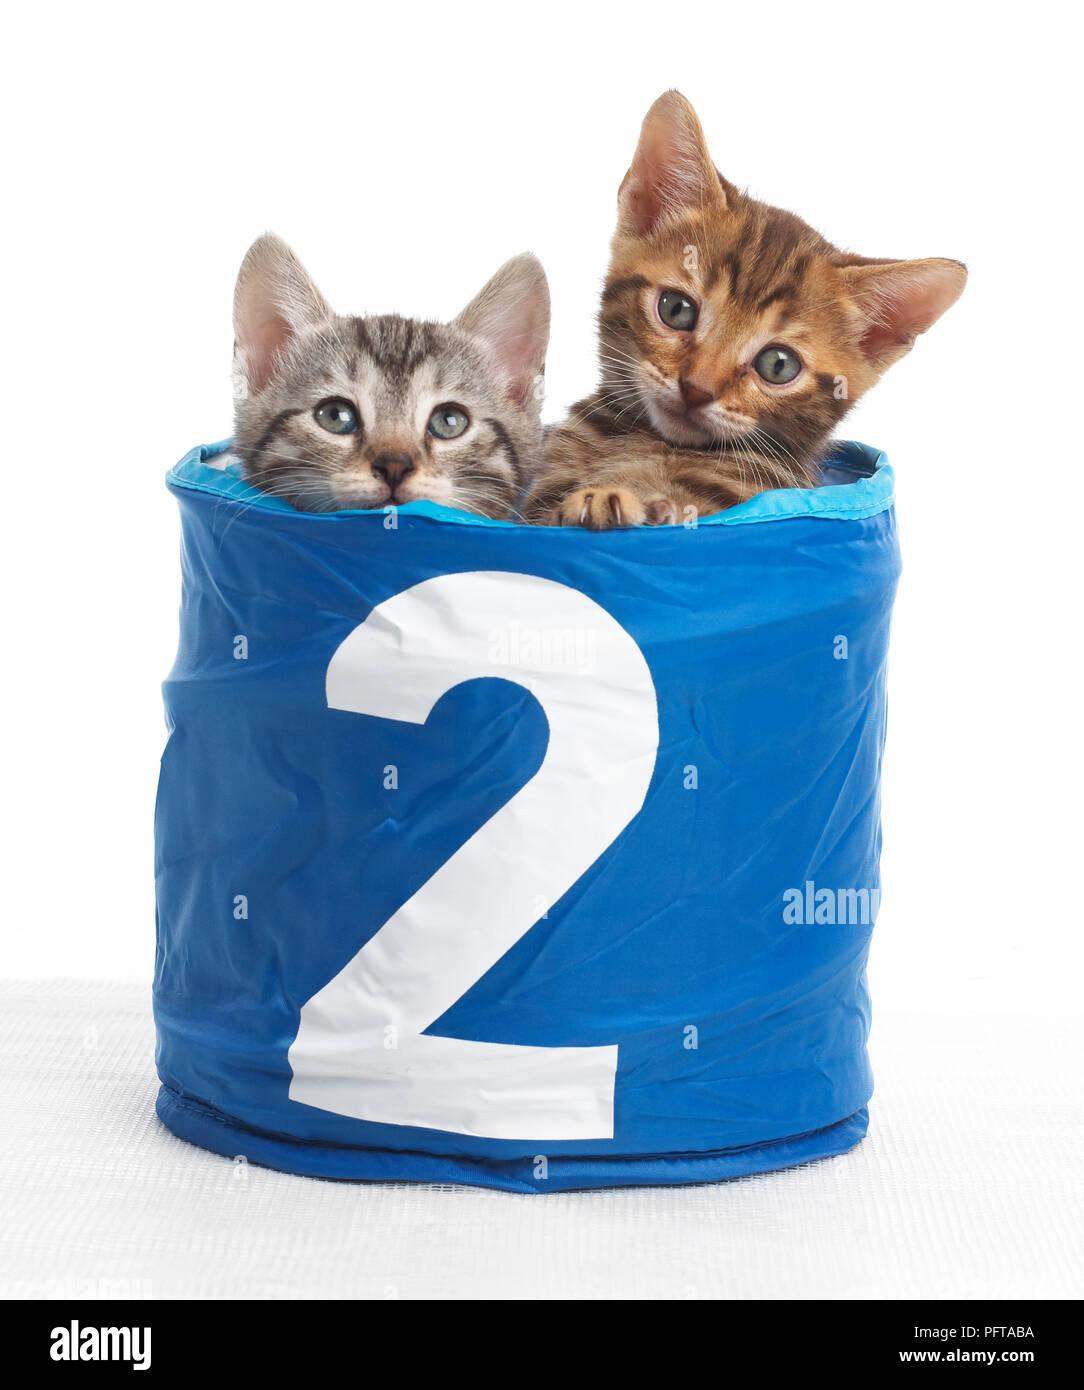 Gatitos en una cesta con el número 2 en la parte delantera, Bengala y British Shorthair cruz gatitos, 5 semanas de edad. Foto de stock